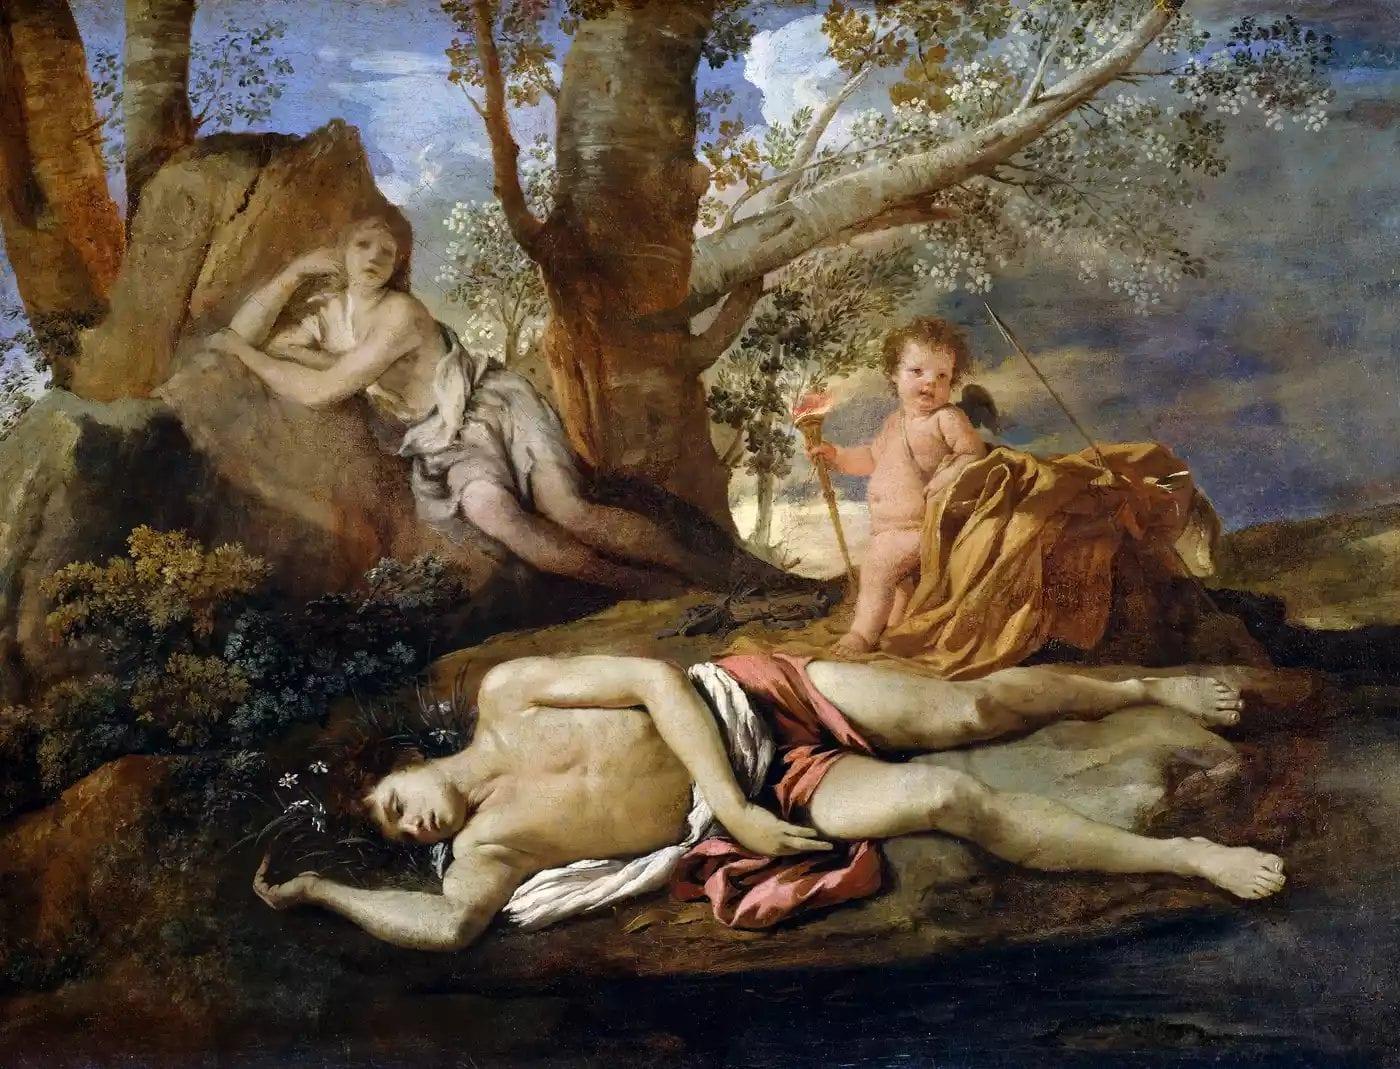 Narciso - Quem é, origem do mito de Narciso e narcisismo